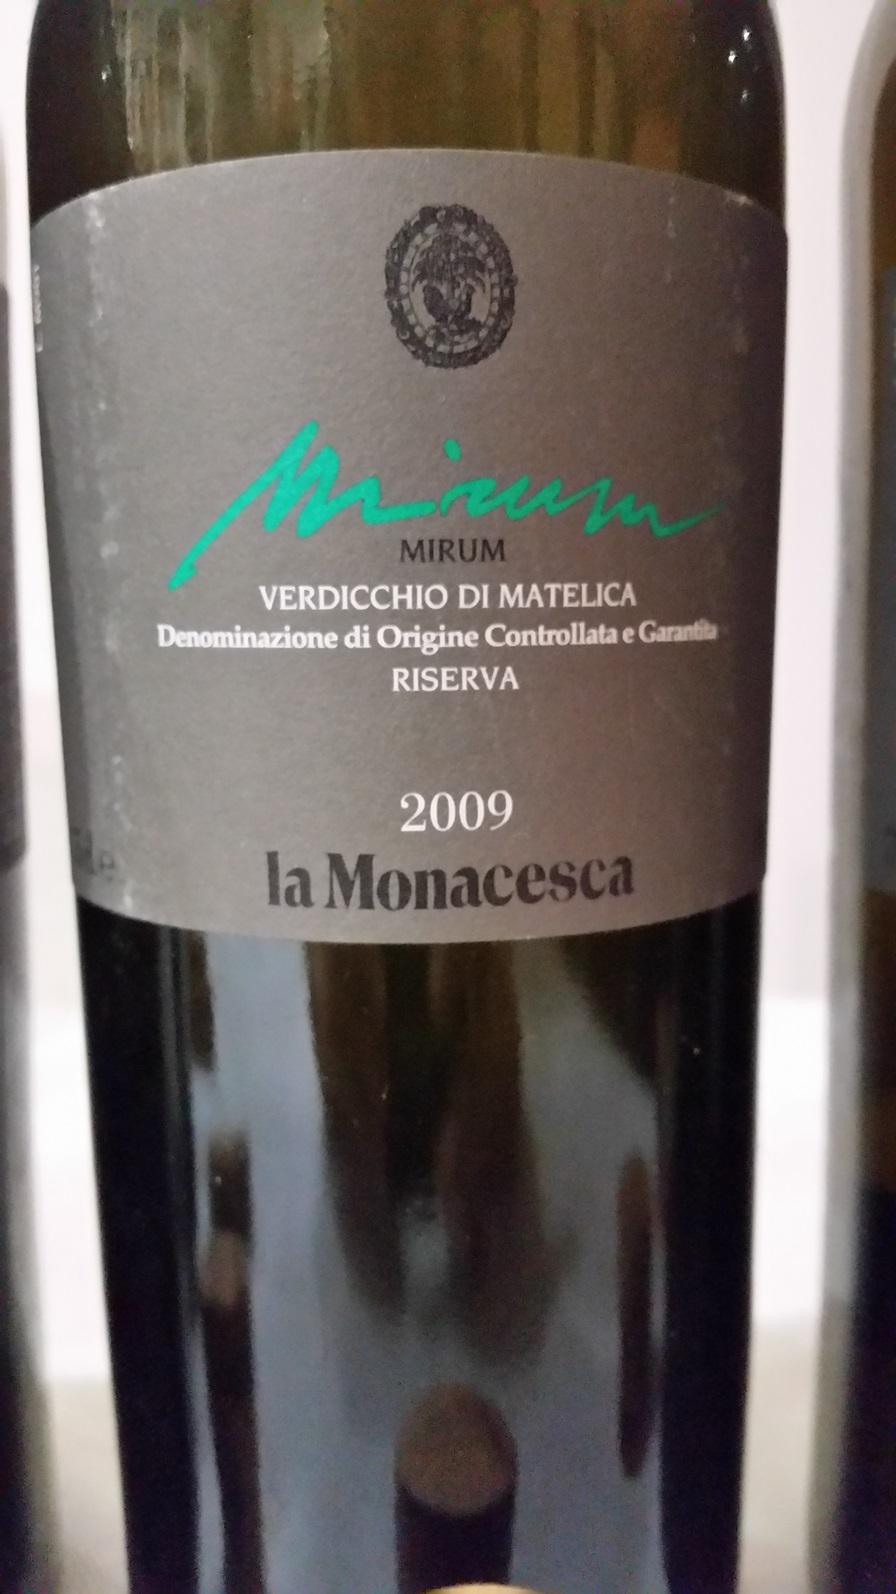 La Monacesca - Verdicchio di Matelica Mirum 2009